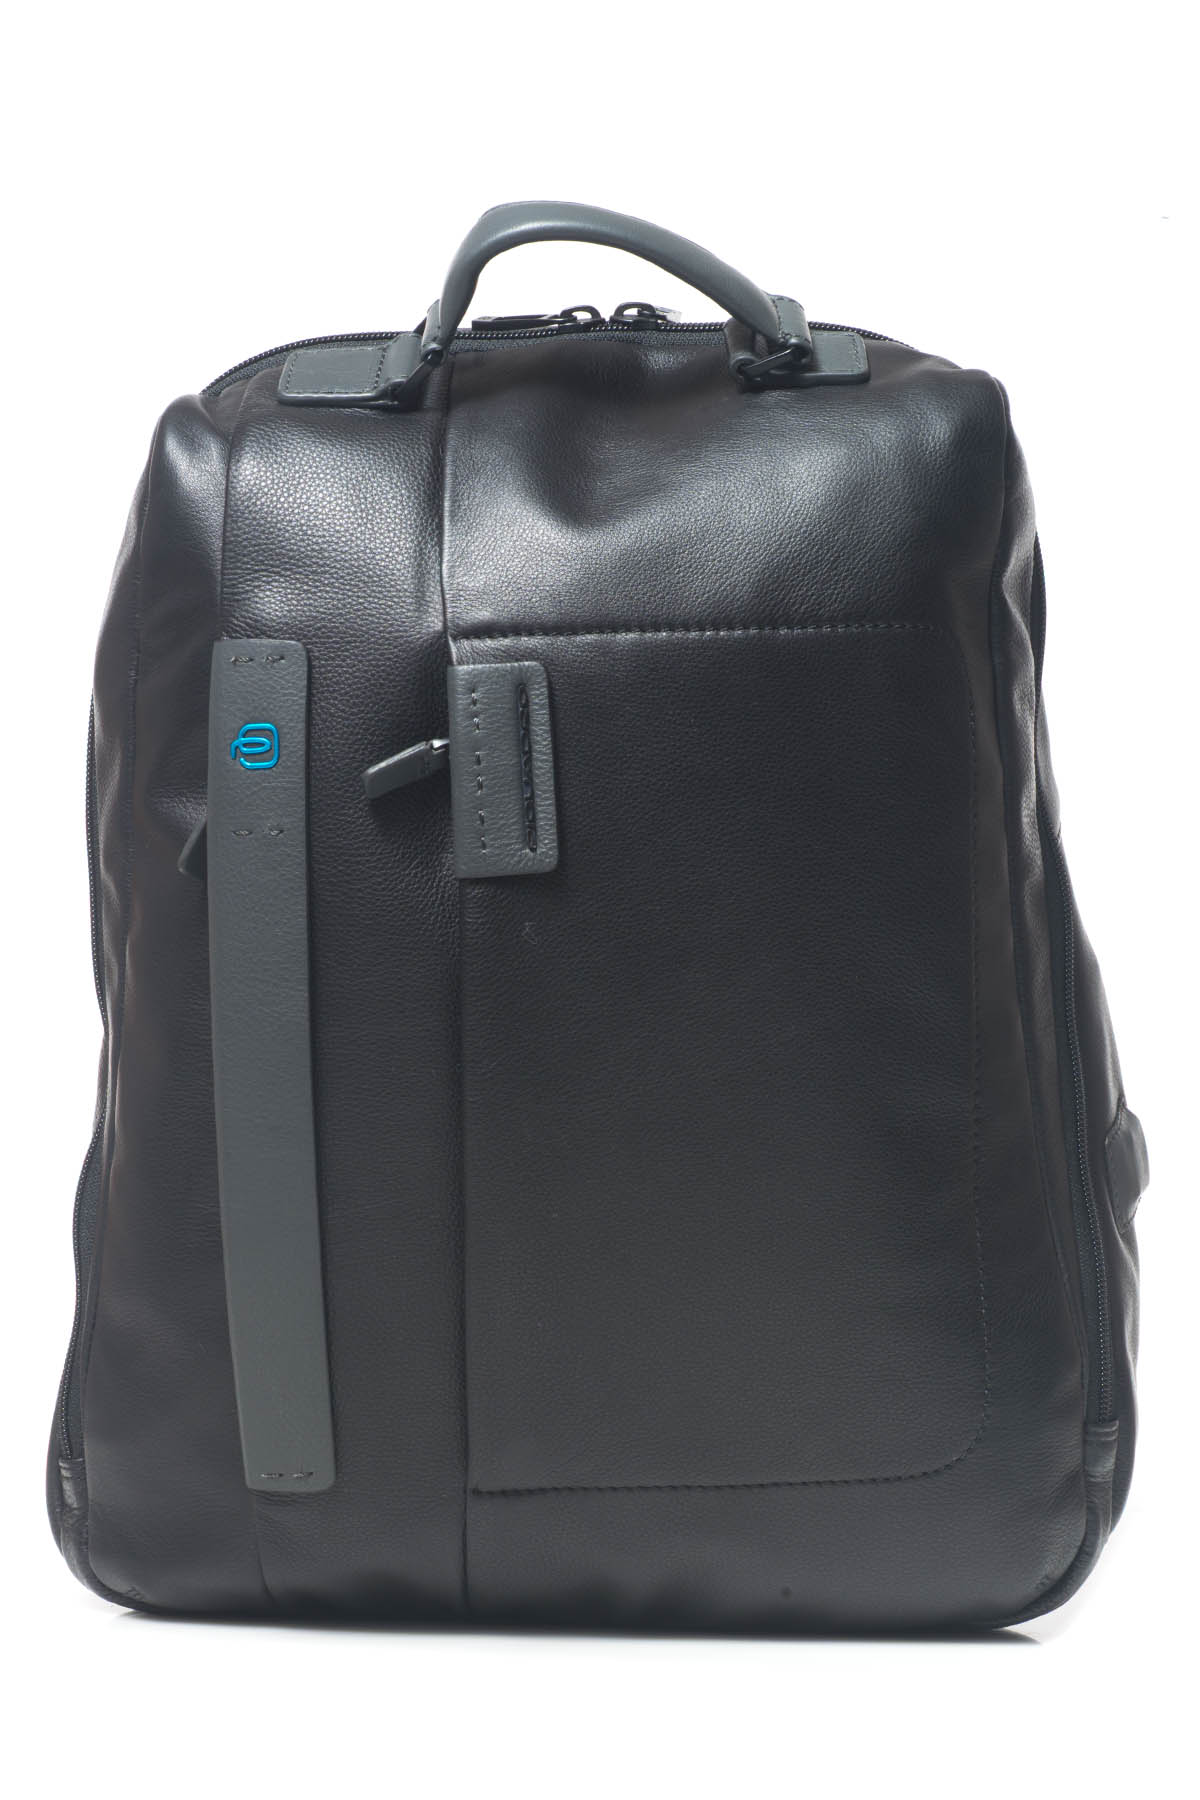 Zaino grande porta PC/iPad®Air/Air2